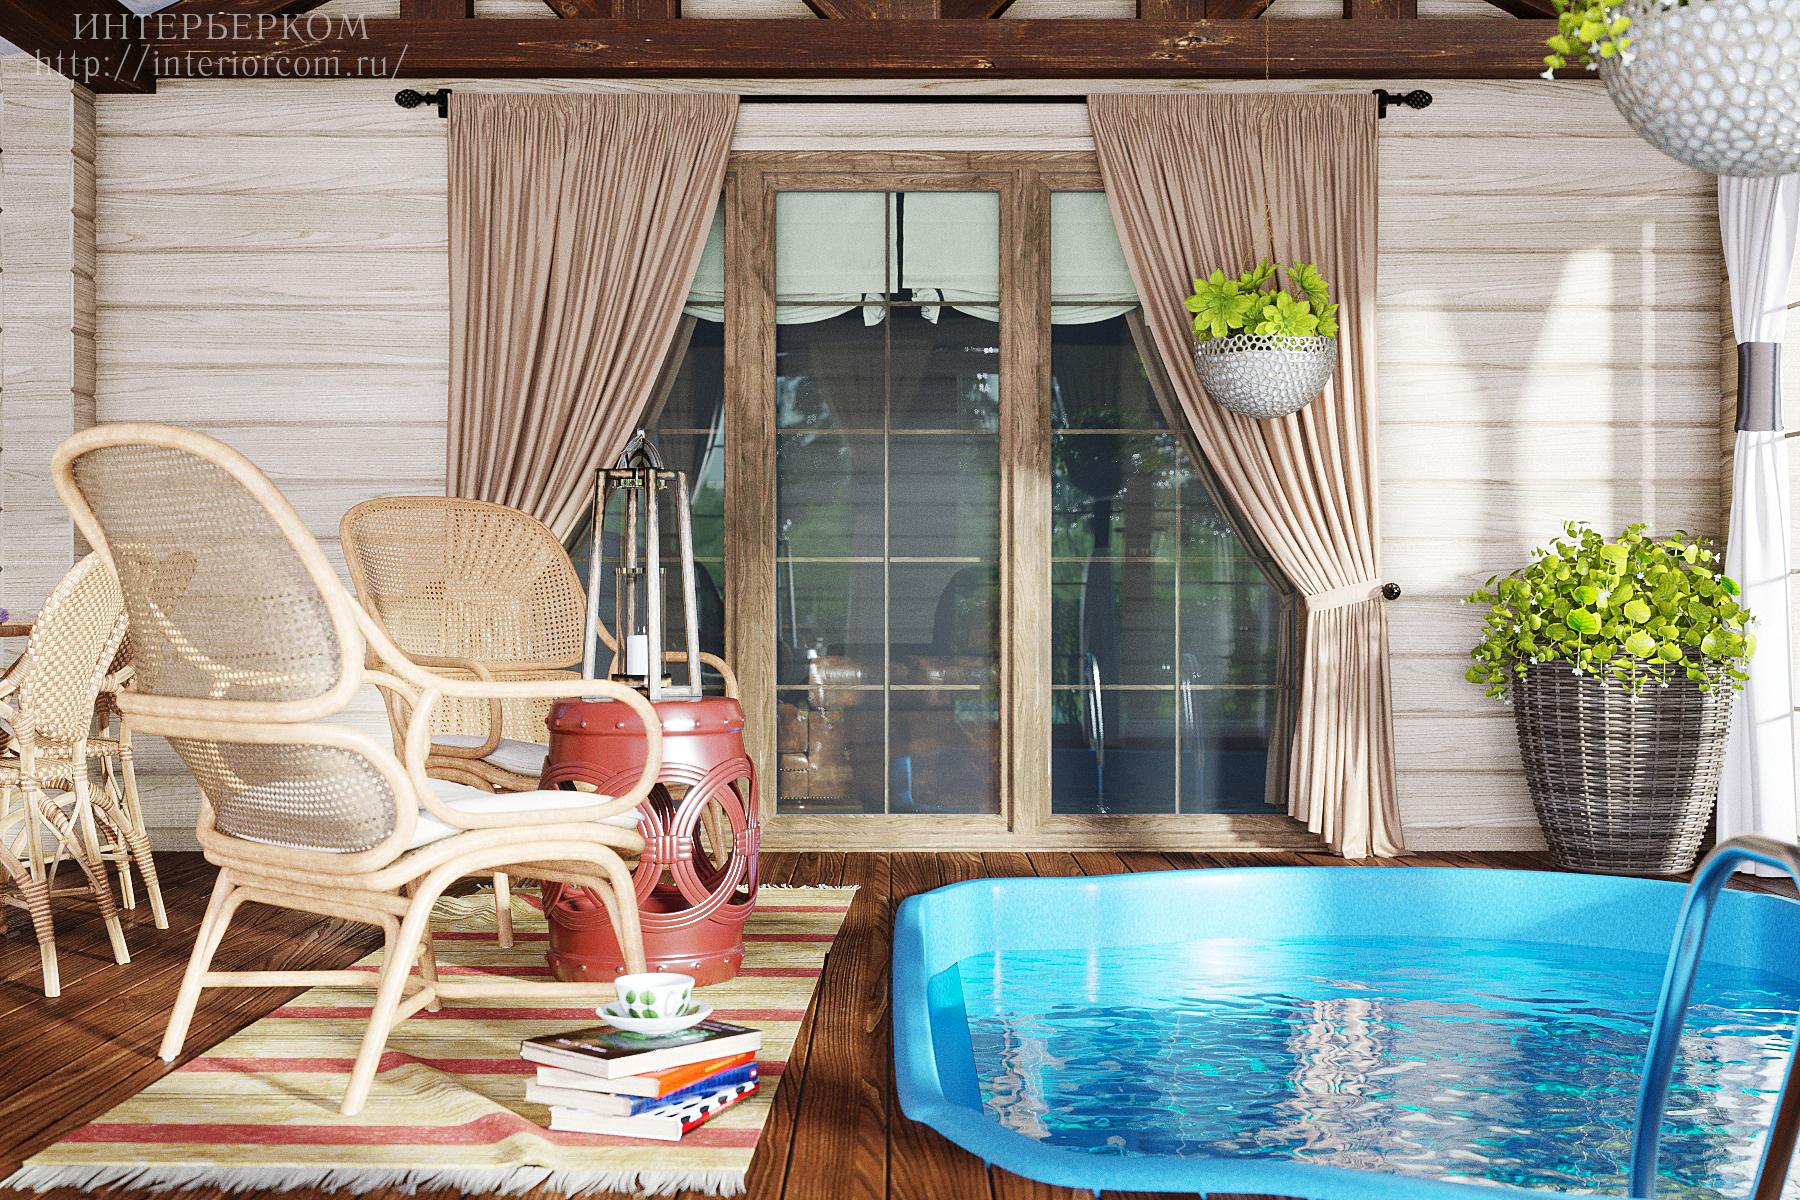 бассейн в доме. Проект Интерьерком